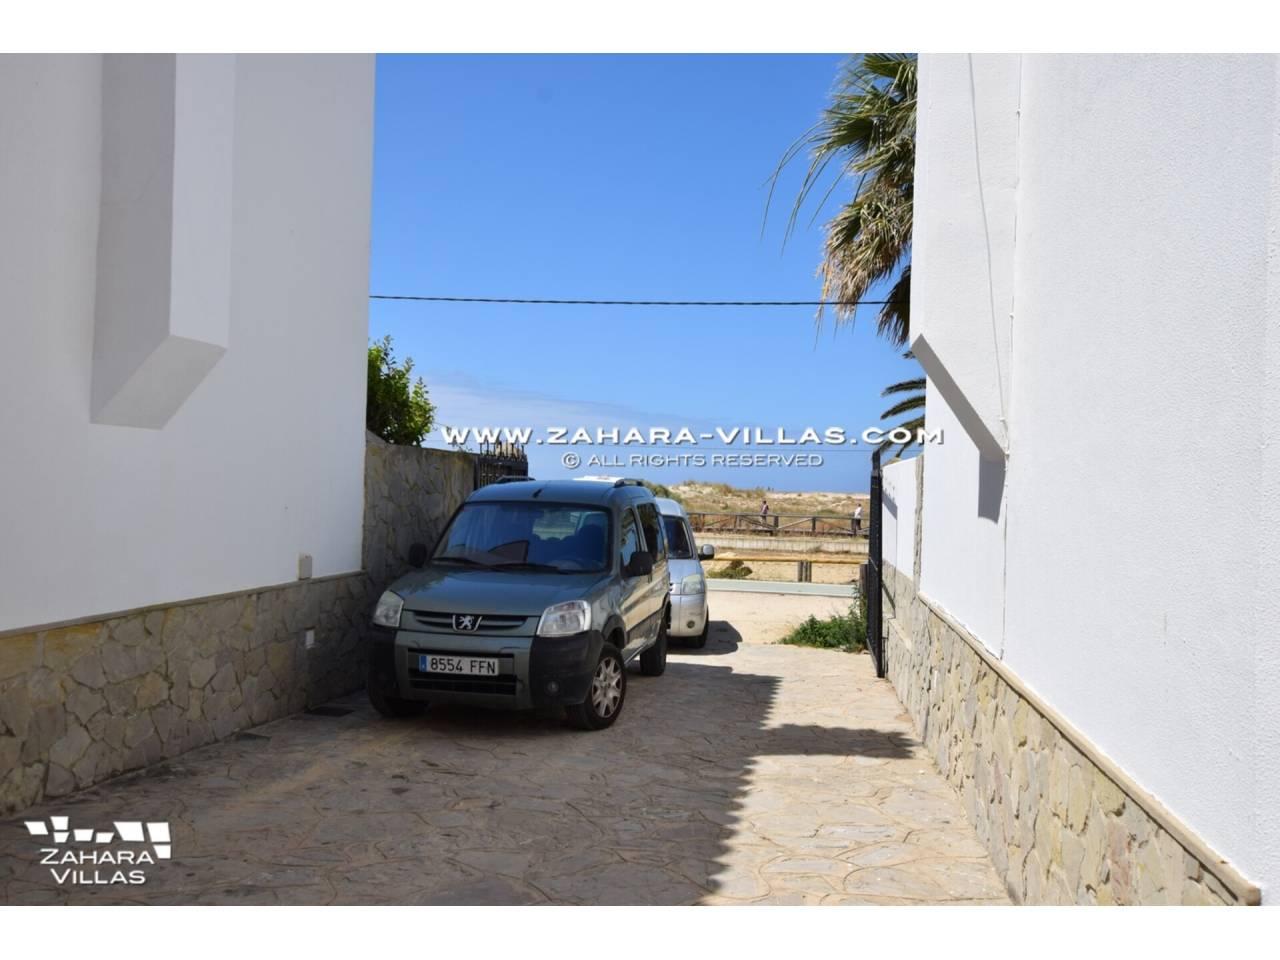 Imagen 20 de Casa en venta en segunda línea de playa, con vistas al mar en Zahara de los Atunes